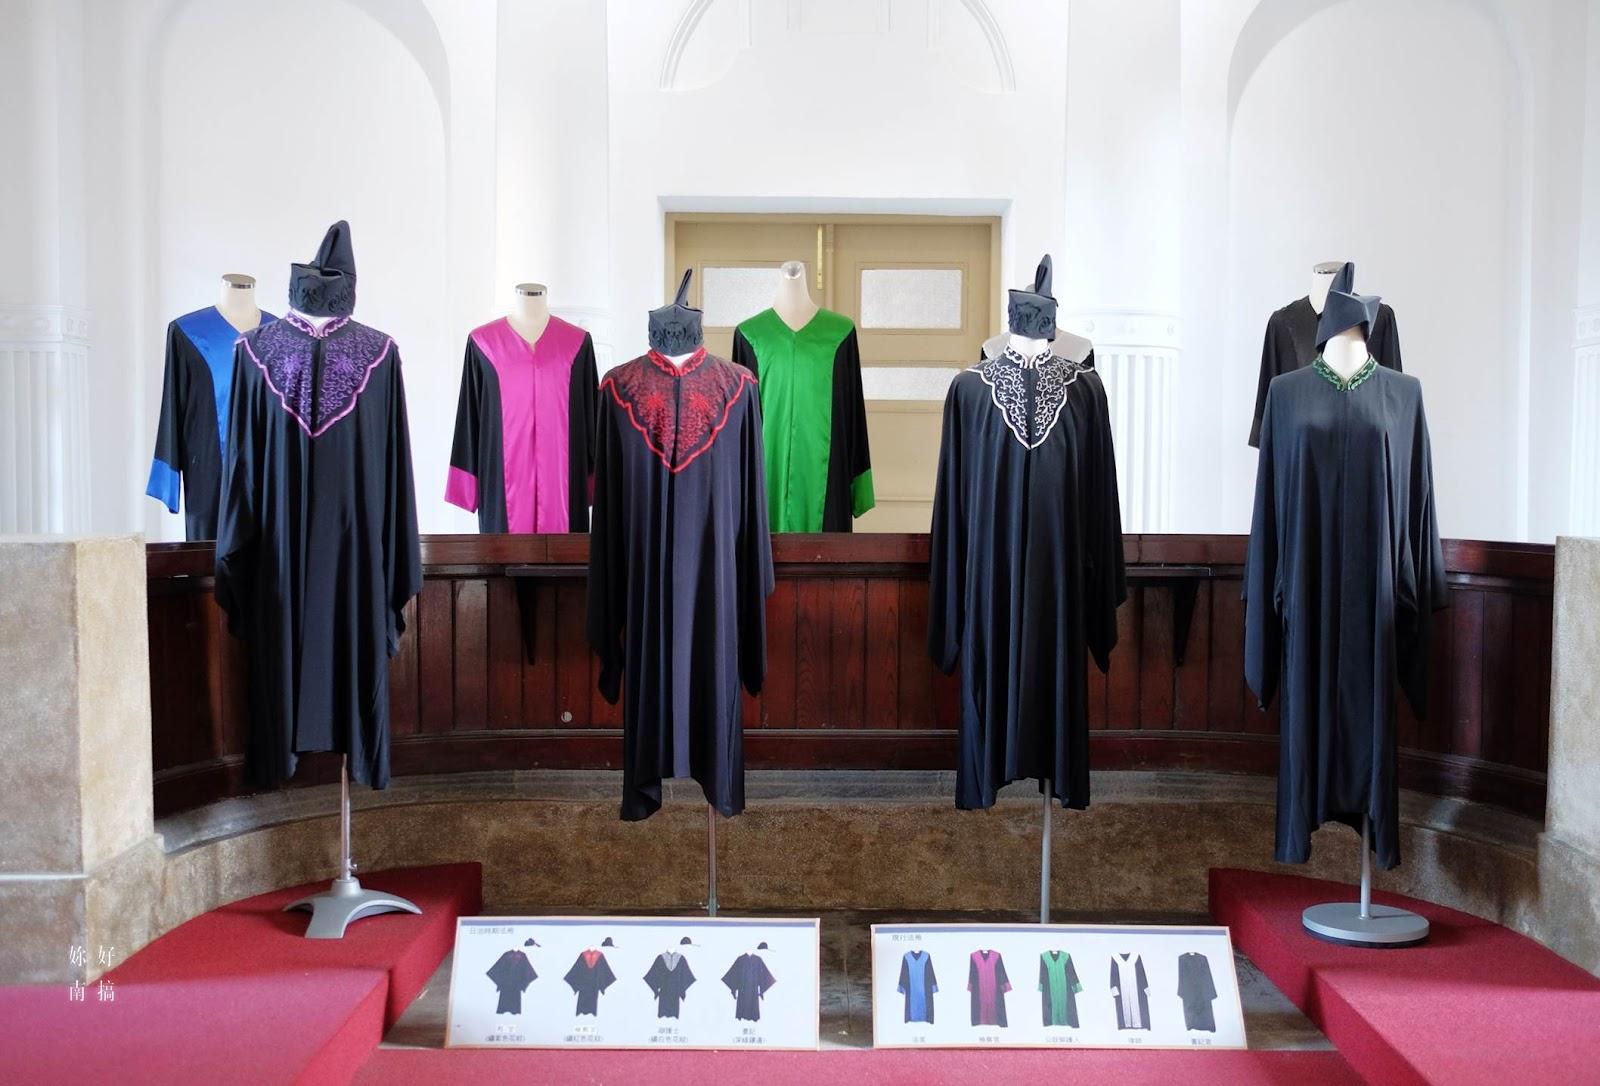 法庭內也有展示各種時代的法袍